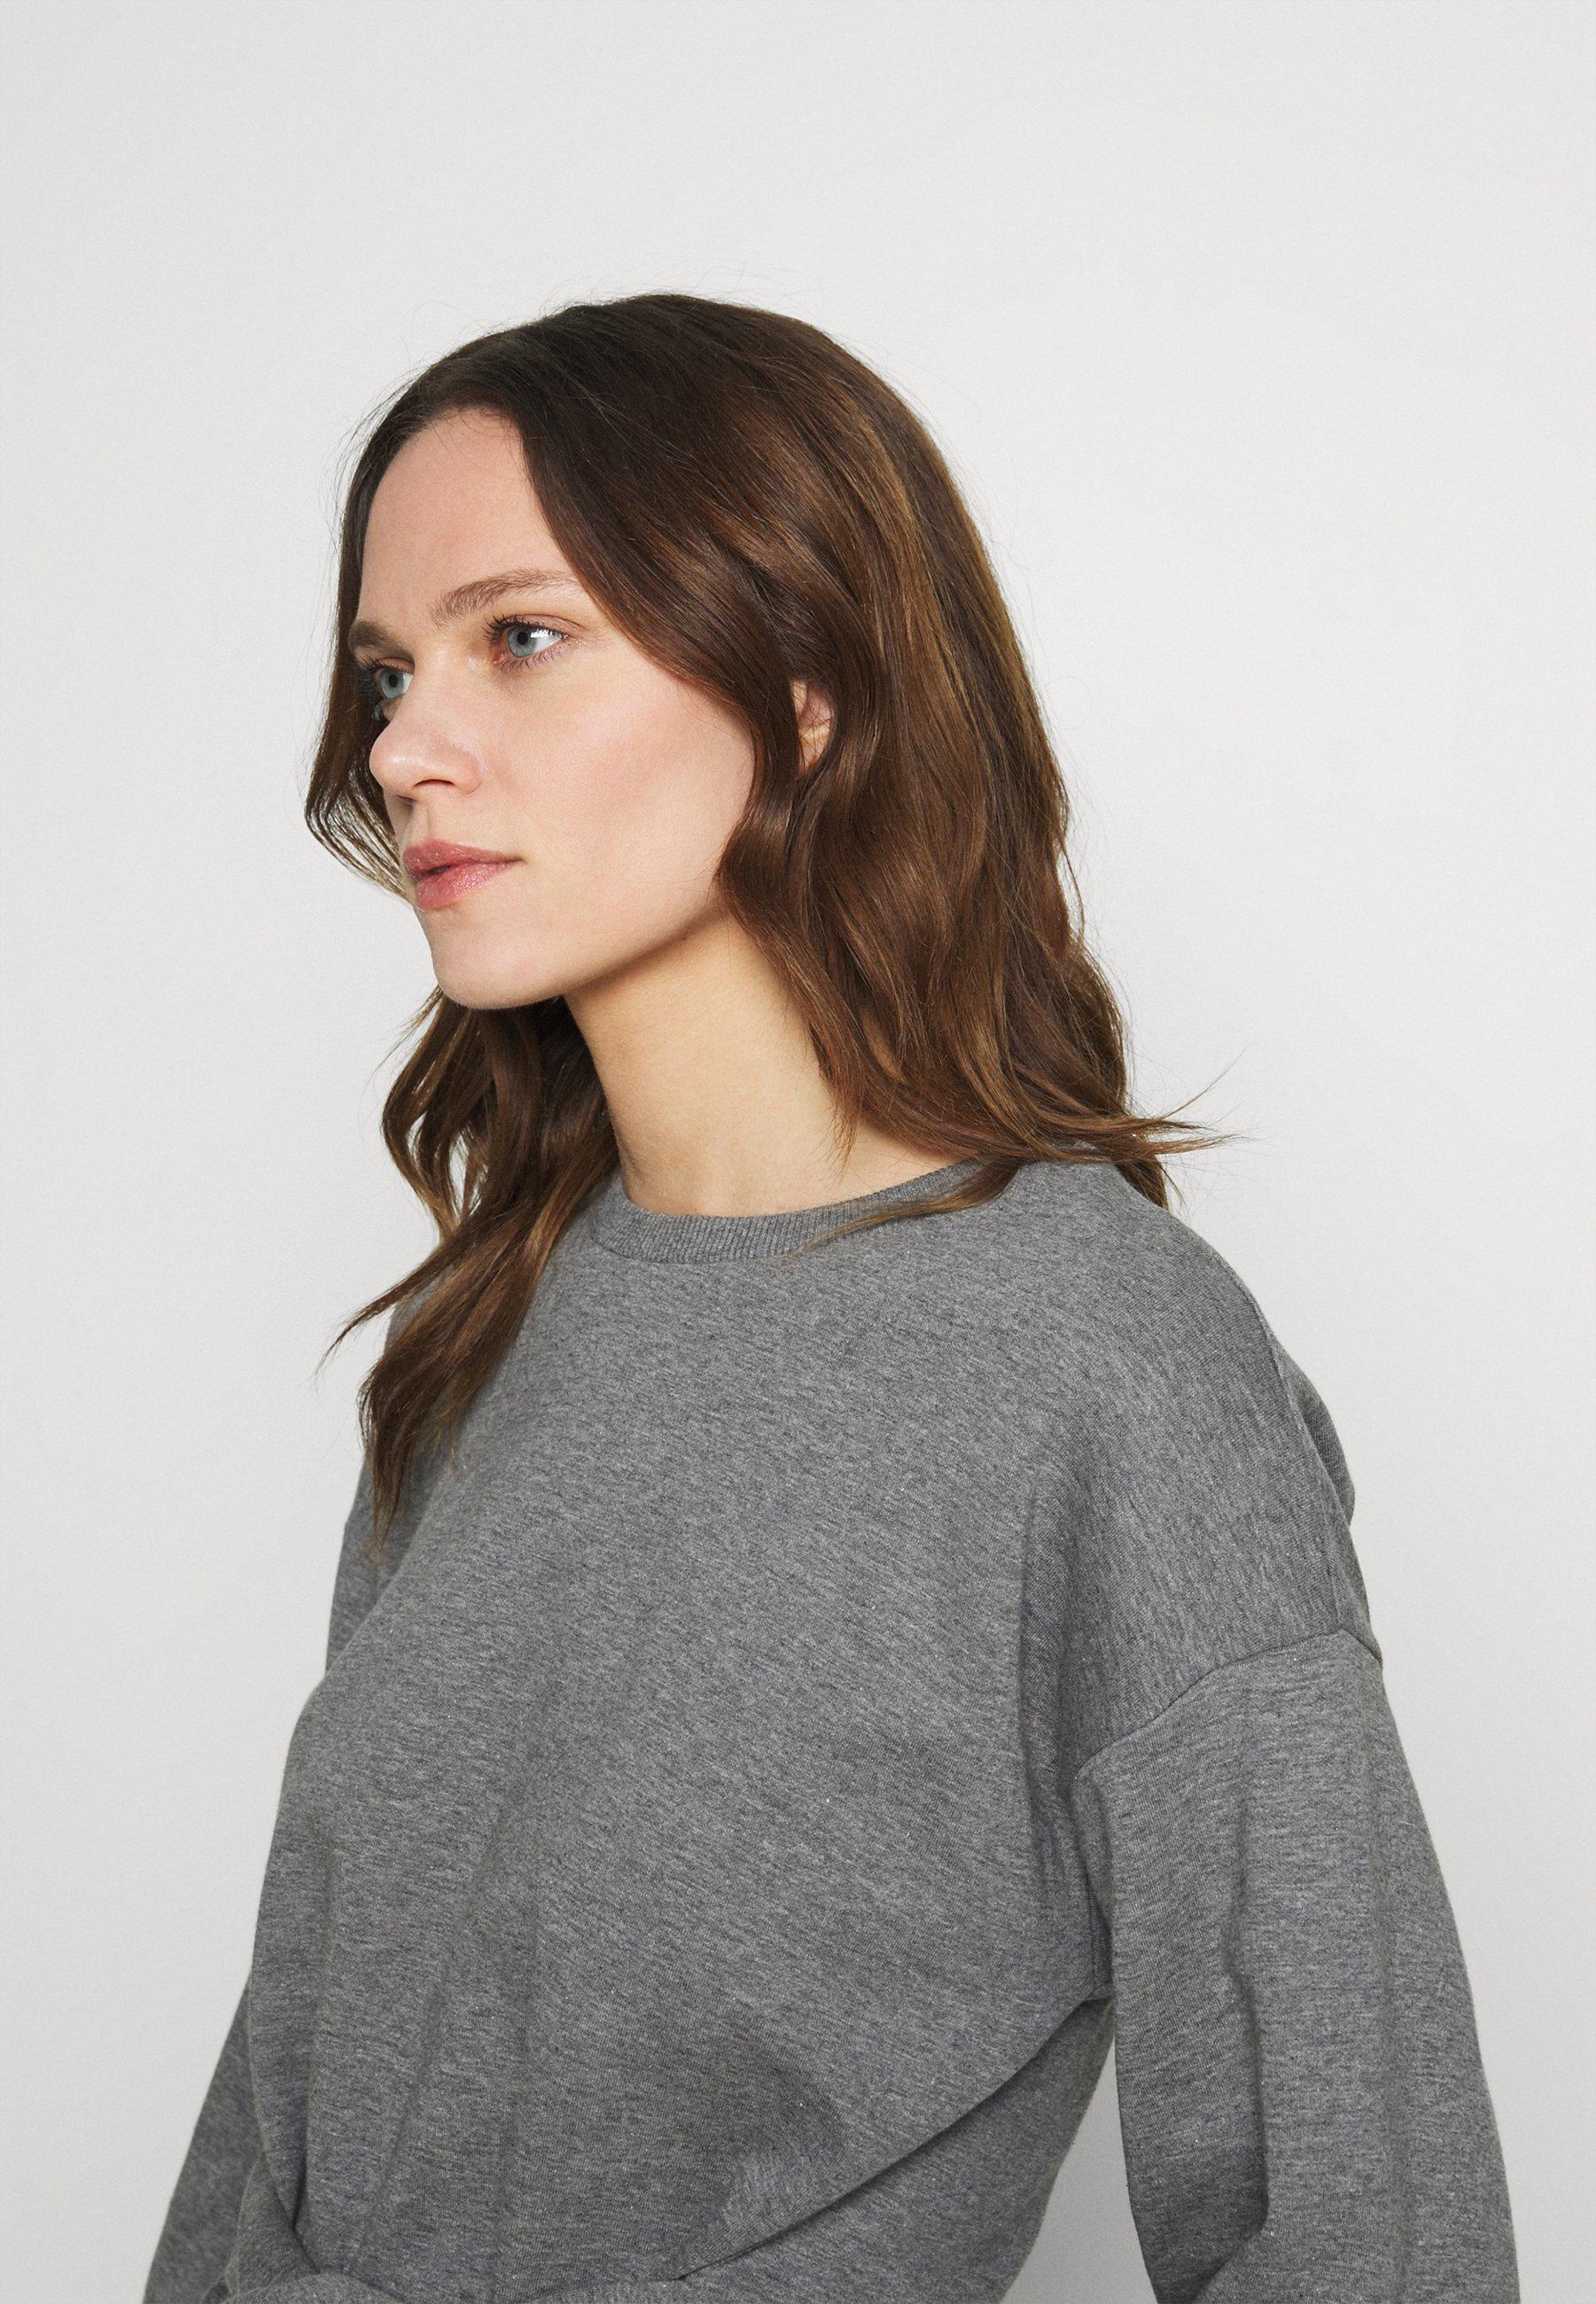 Women WILMA TIEBELT - Sweatshirt